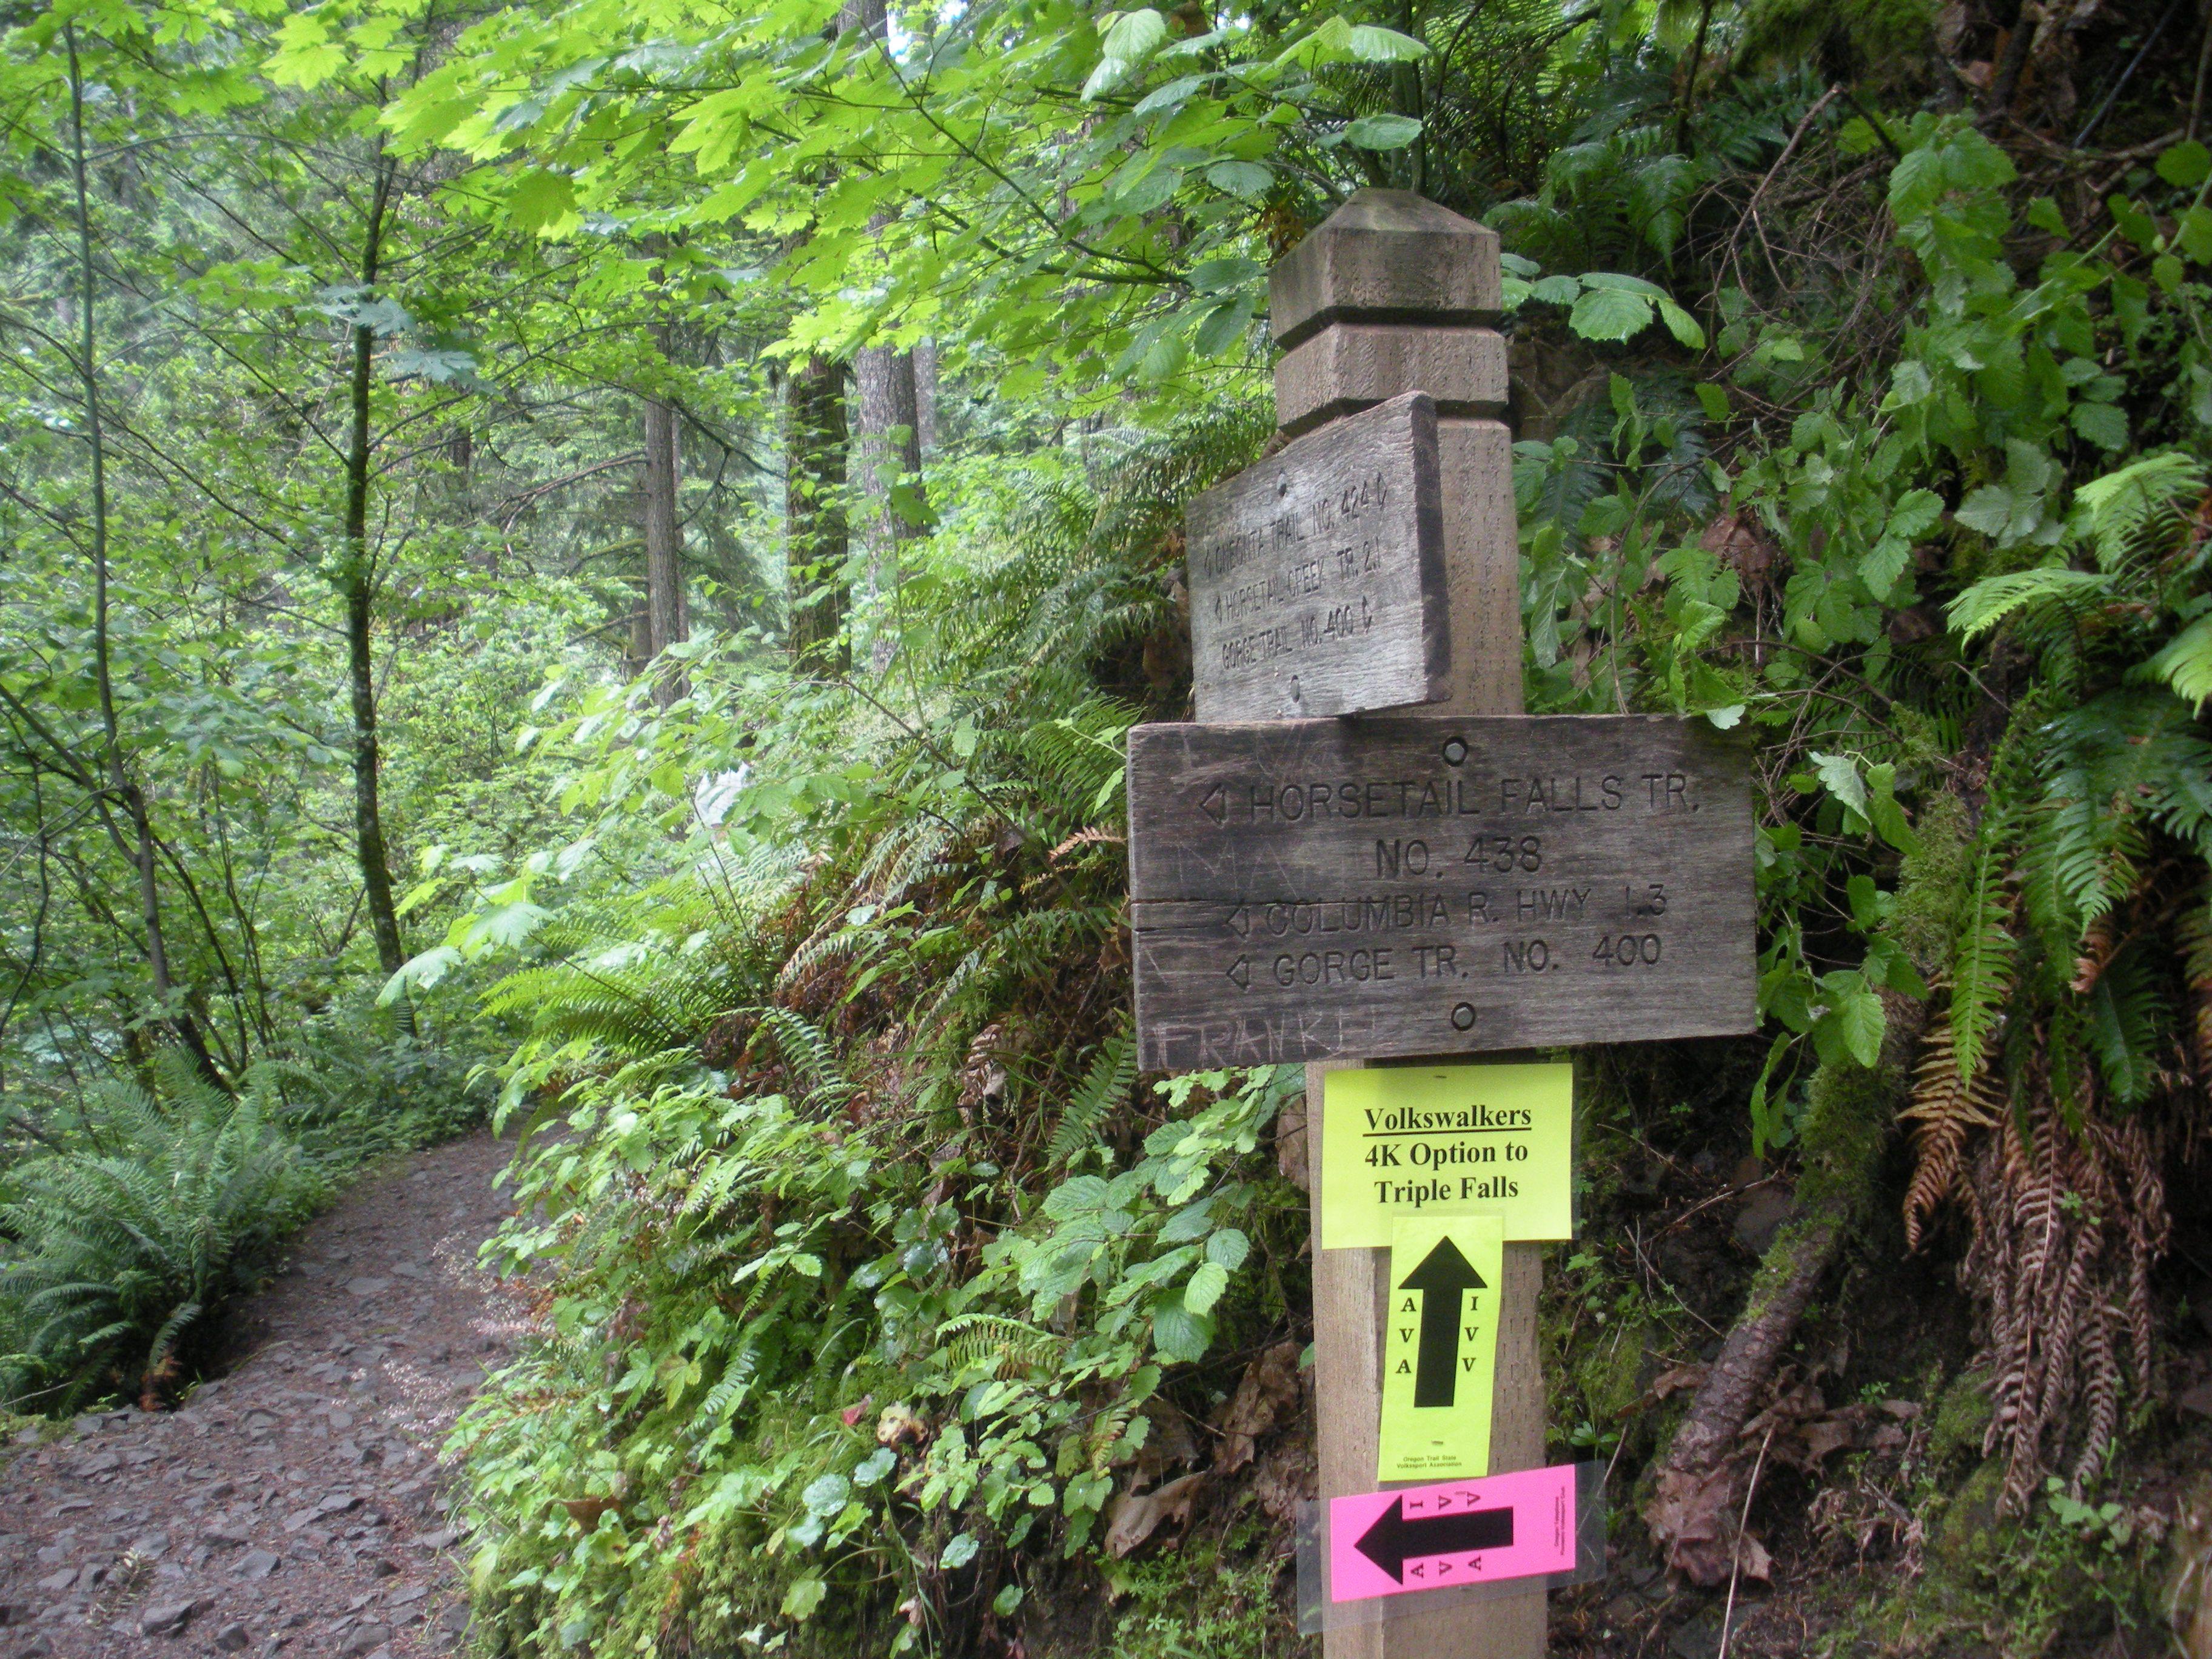 Intersección del sendero a Triple Falls - Columbia River Gorge